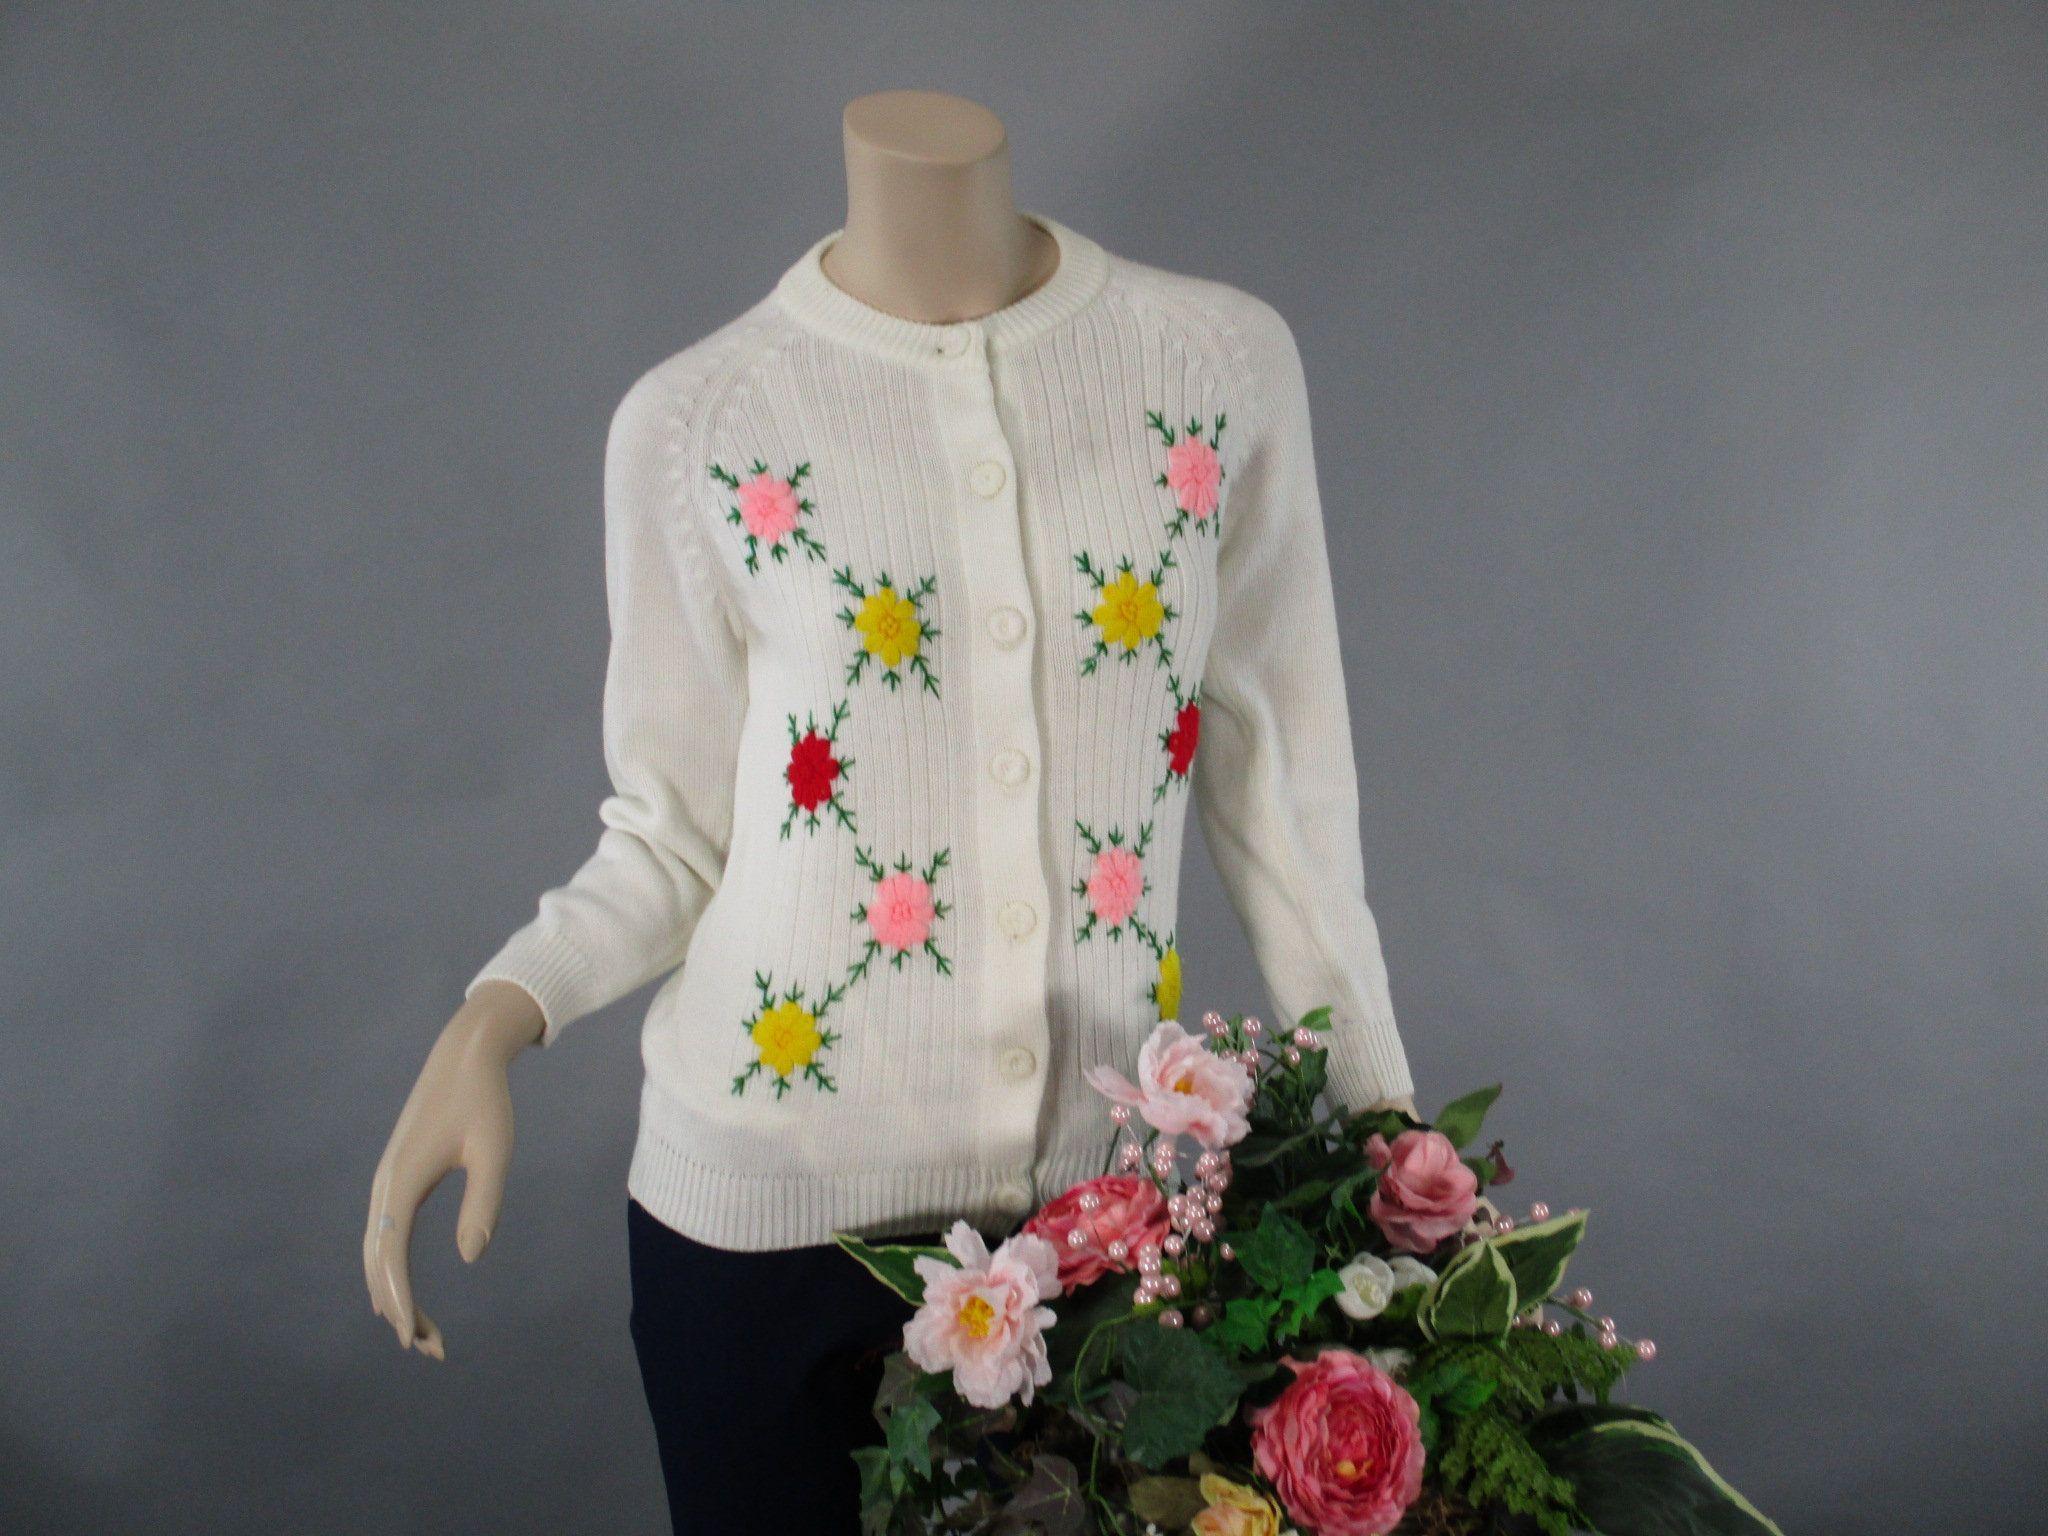 Vtg 70s Embroidered Floral Cardigan